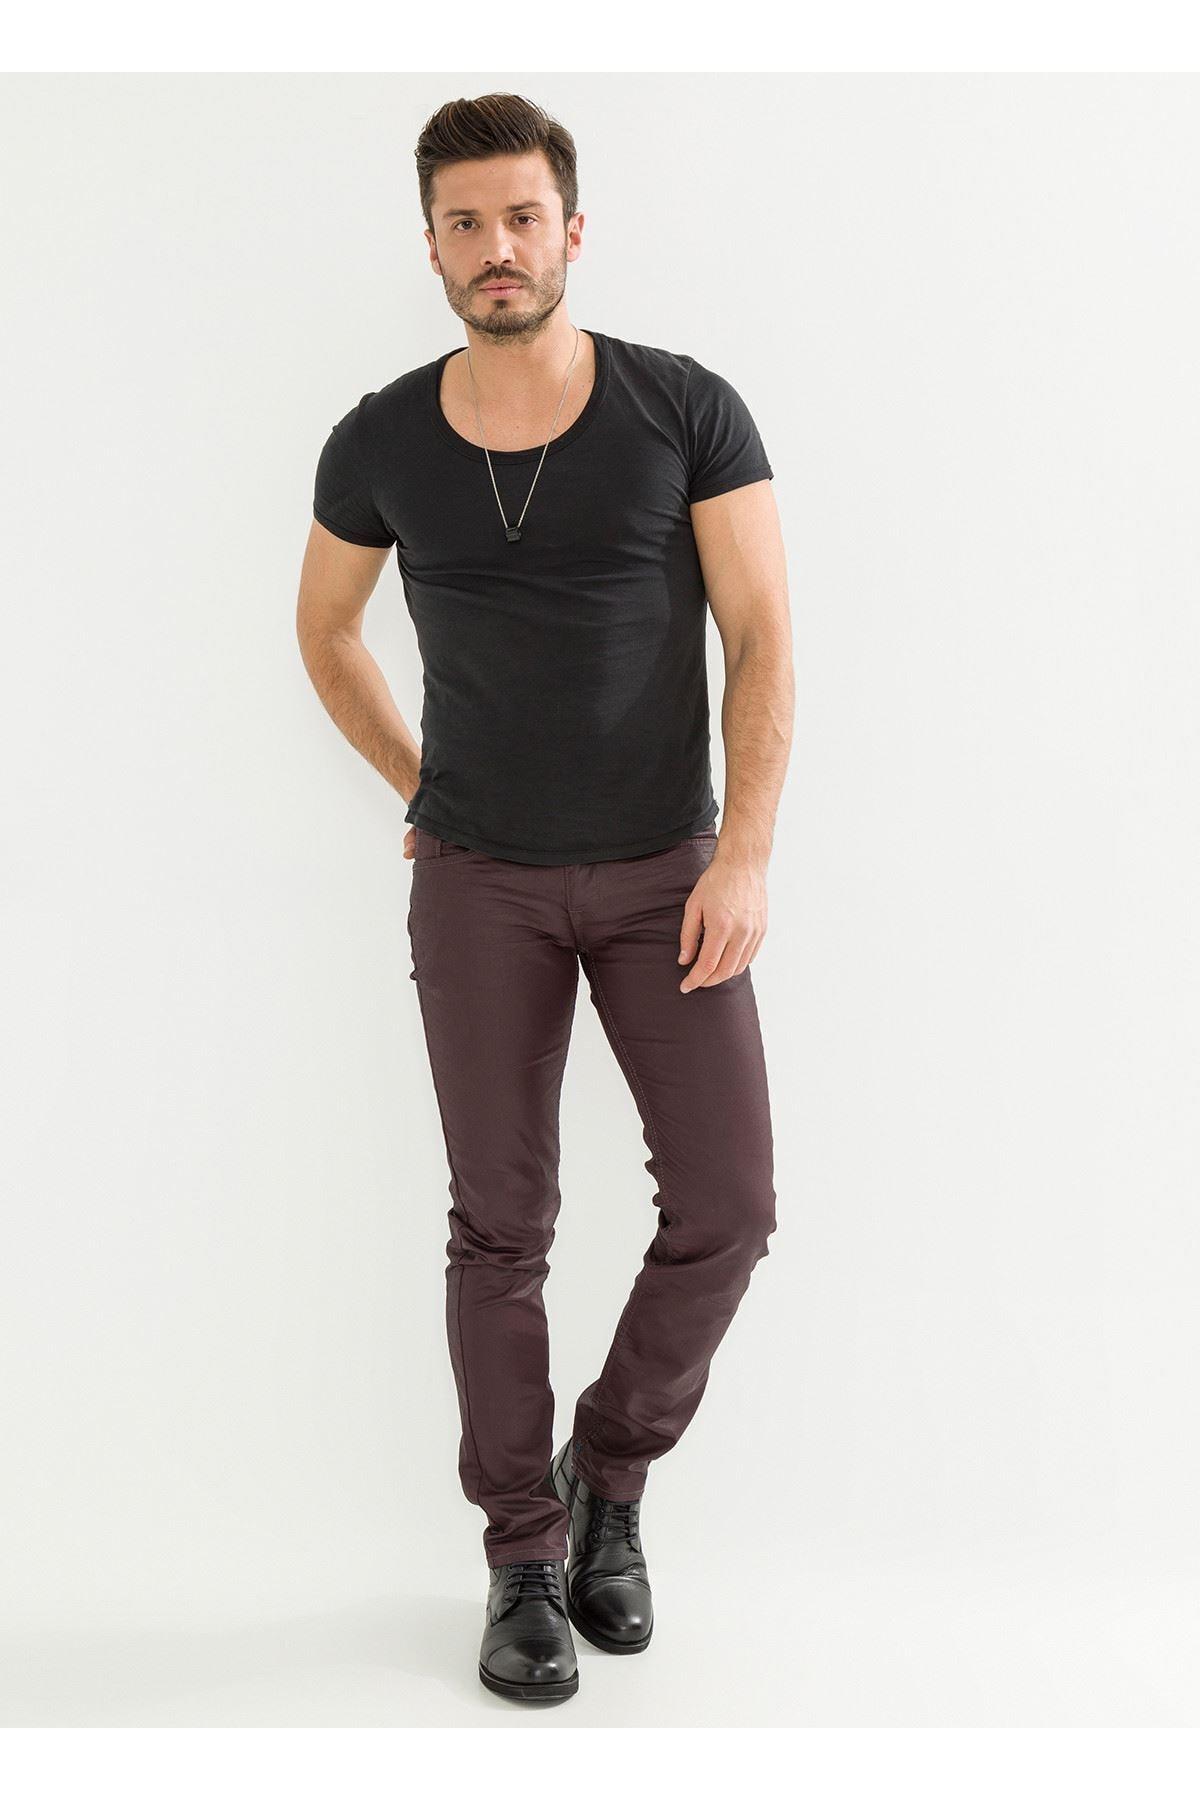 LTC Jeans Deri Görünüm Özel Kaplamalı Bordo Erkek Pantolon 1